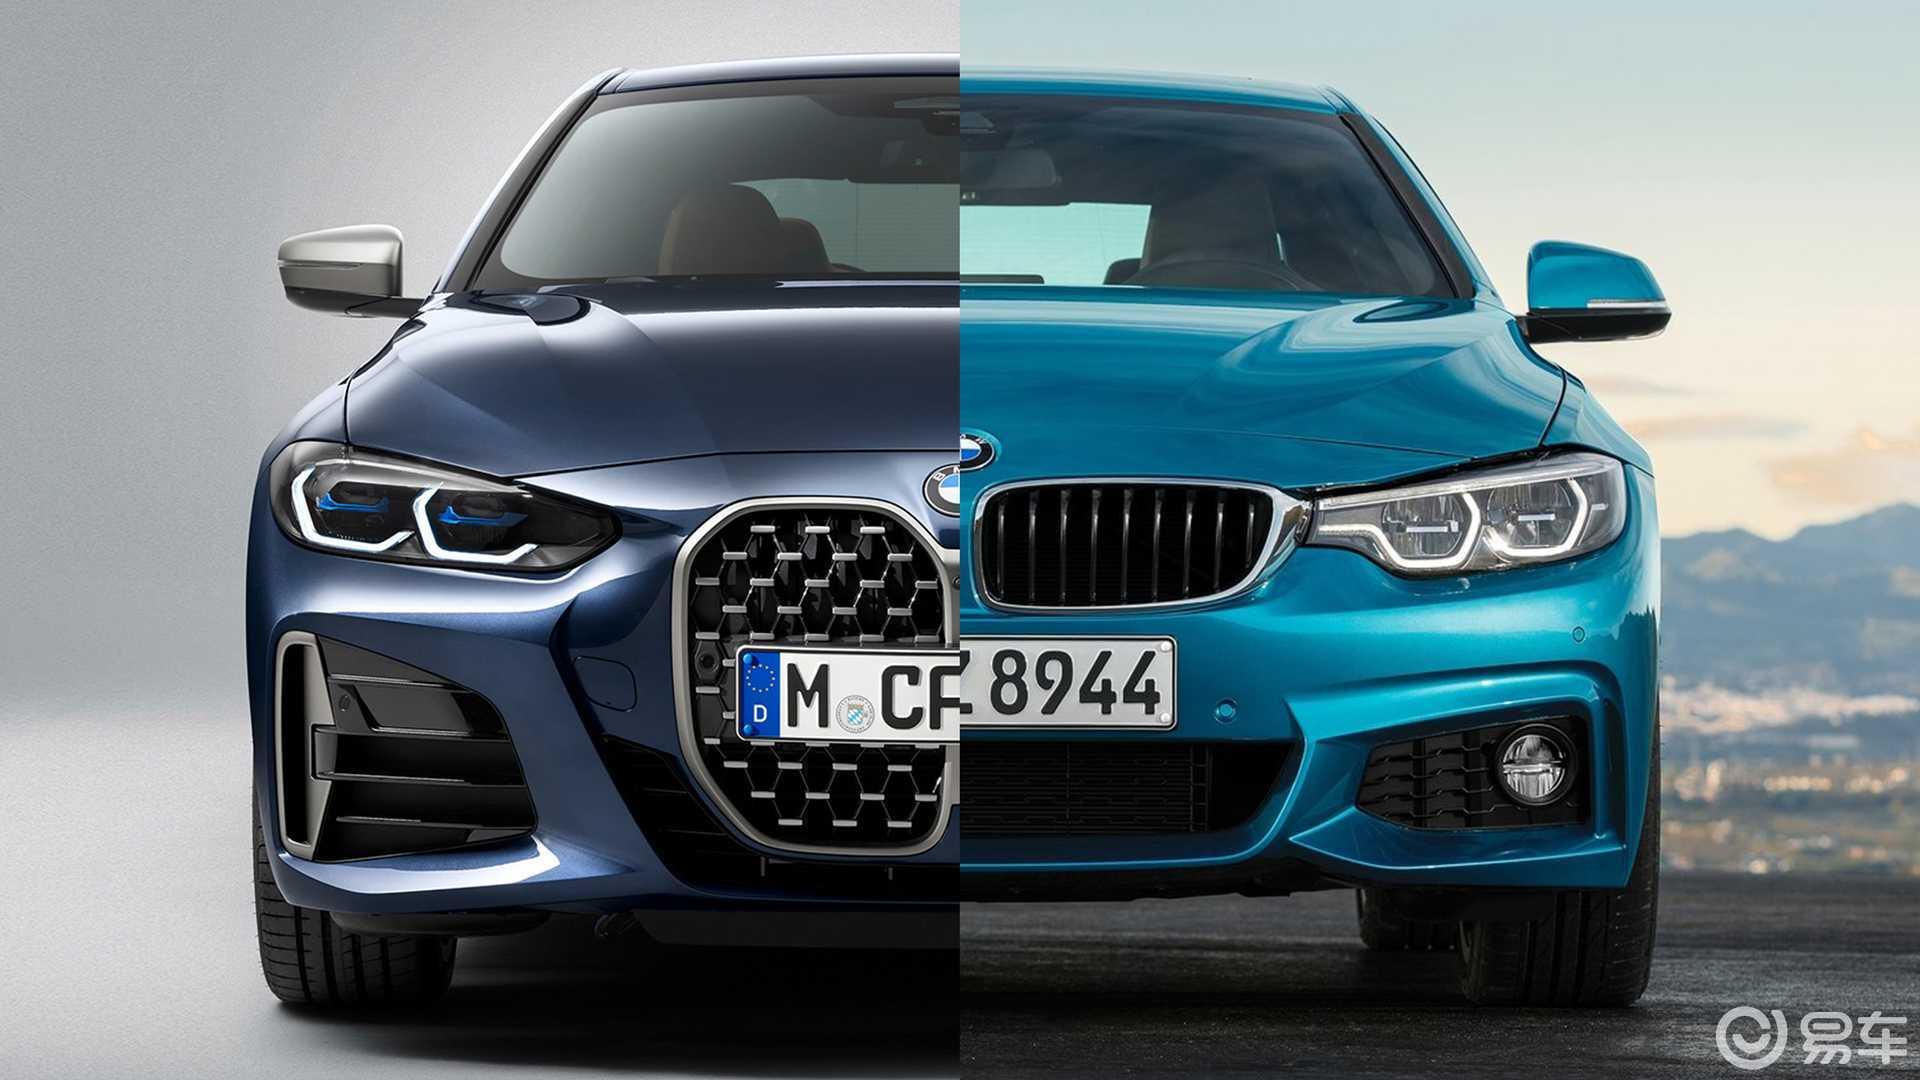 更加跑车化的设计取向,全新宝马4系外观内饰对比上一代车型